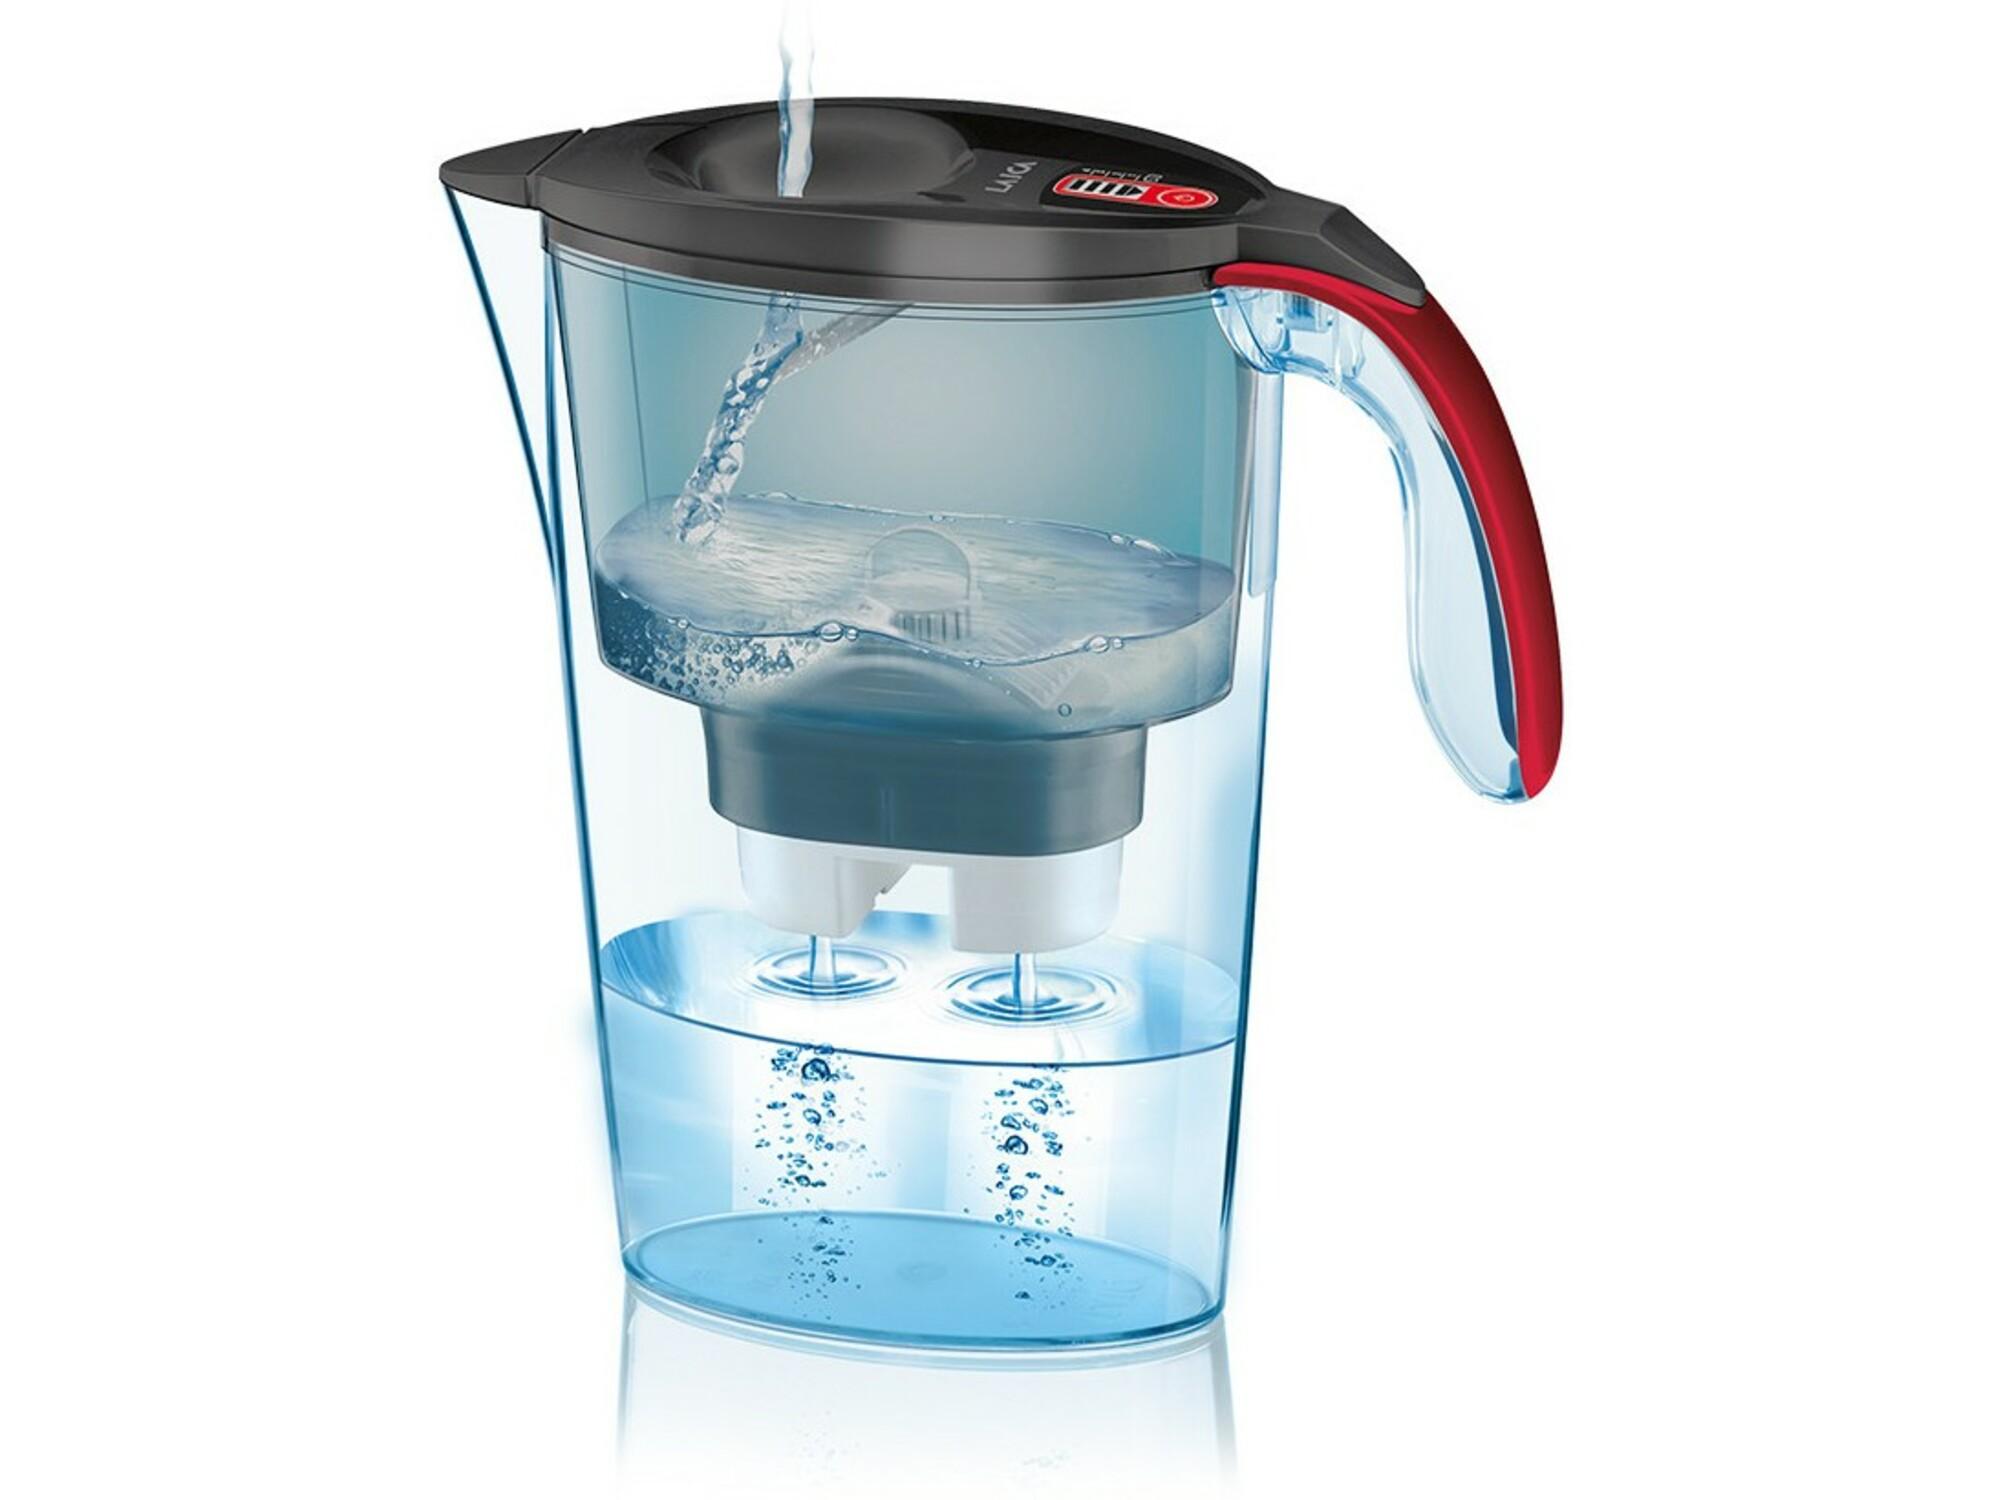 LAICA vrč za filtriranje vode 8013240702964 Light Graffiti - rdeč